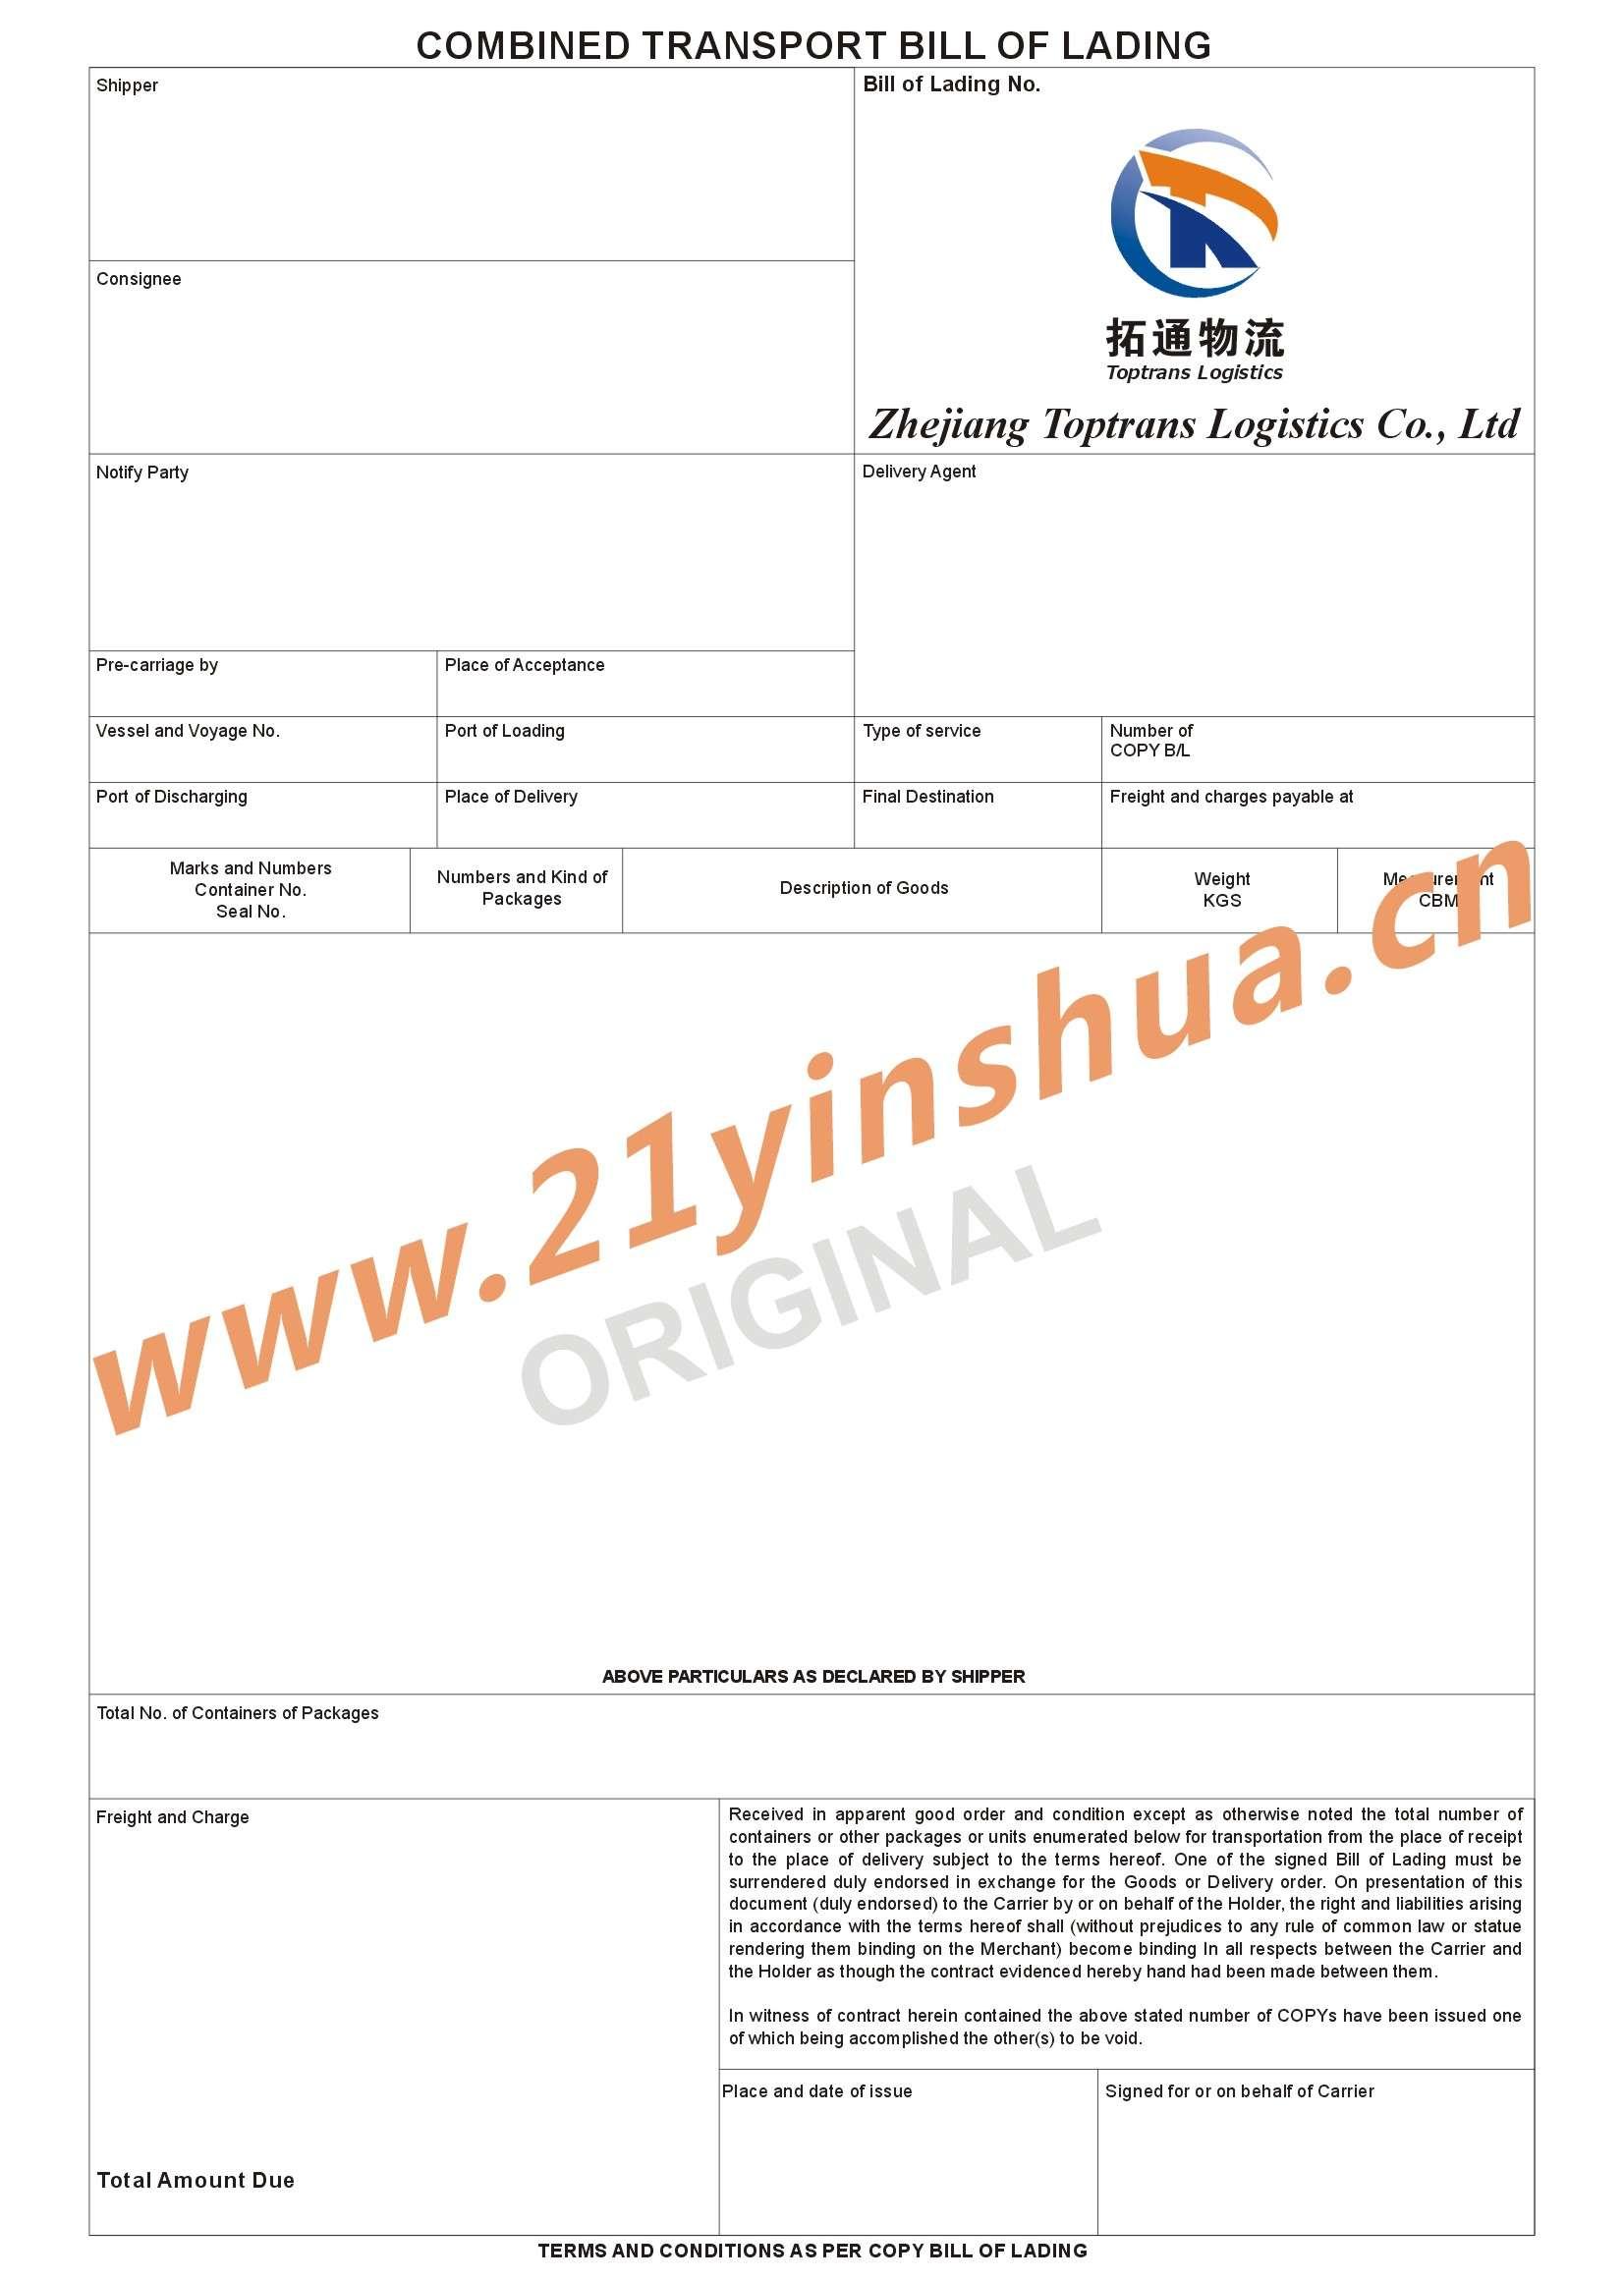 印刷定制海运提单拓通物流Toptrans Logistics成功案例